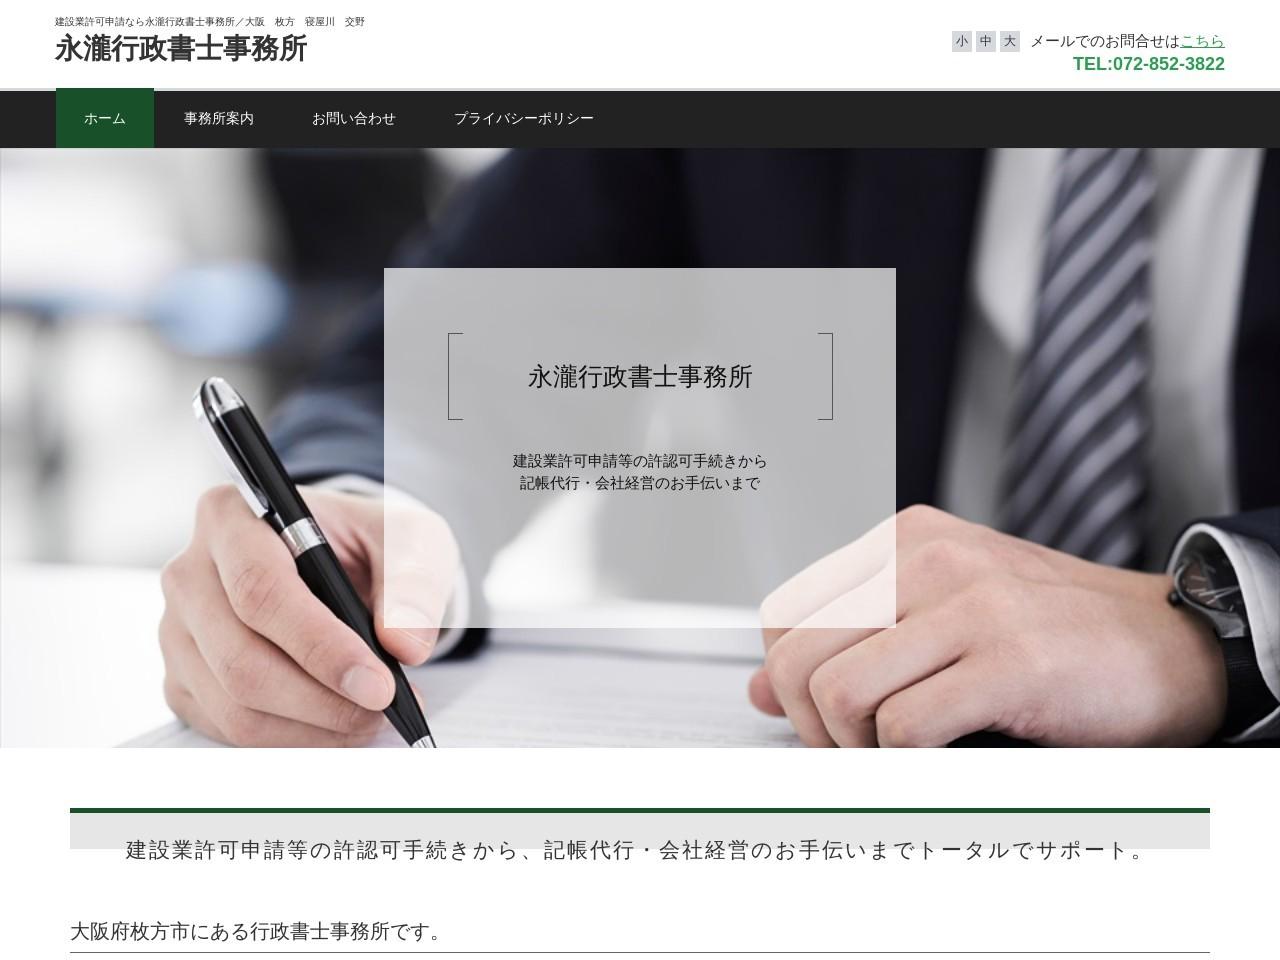 永瀧行政書士事務所